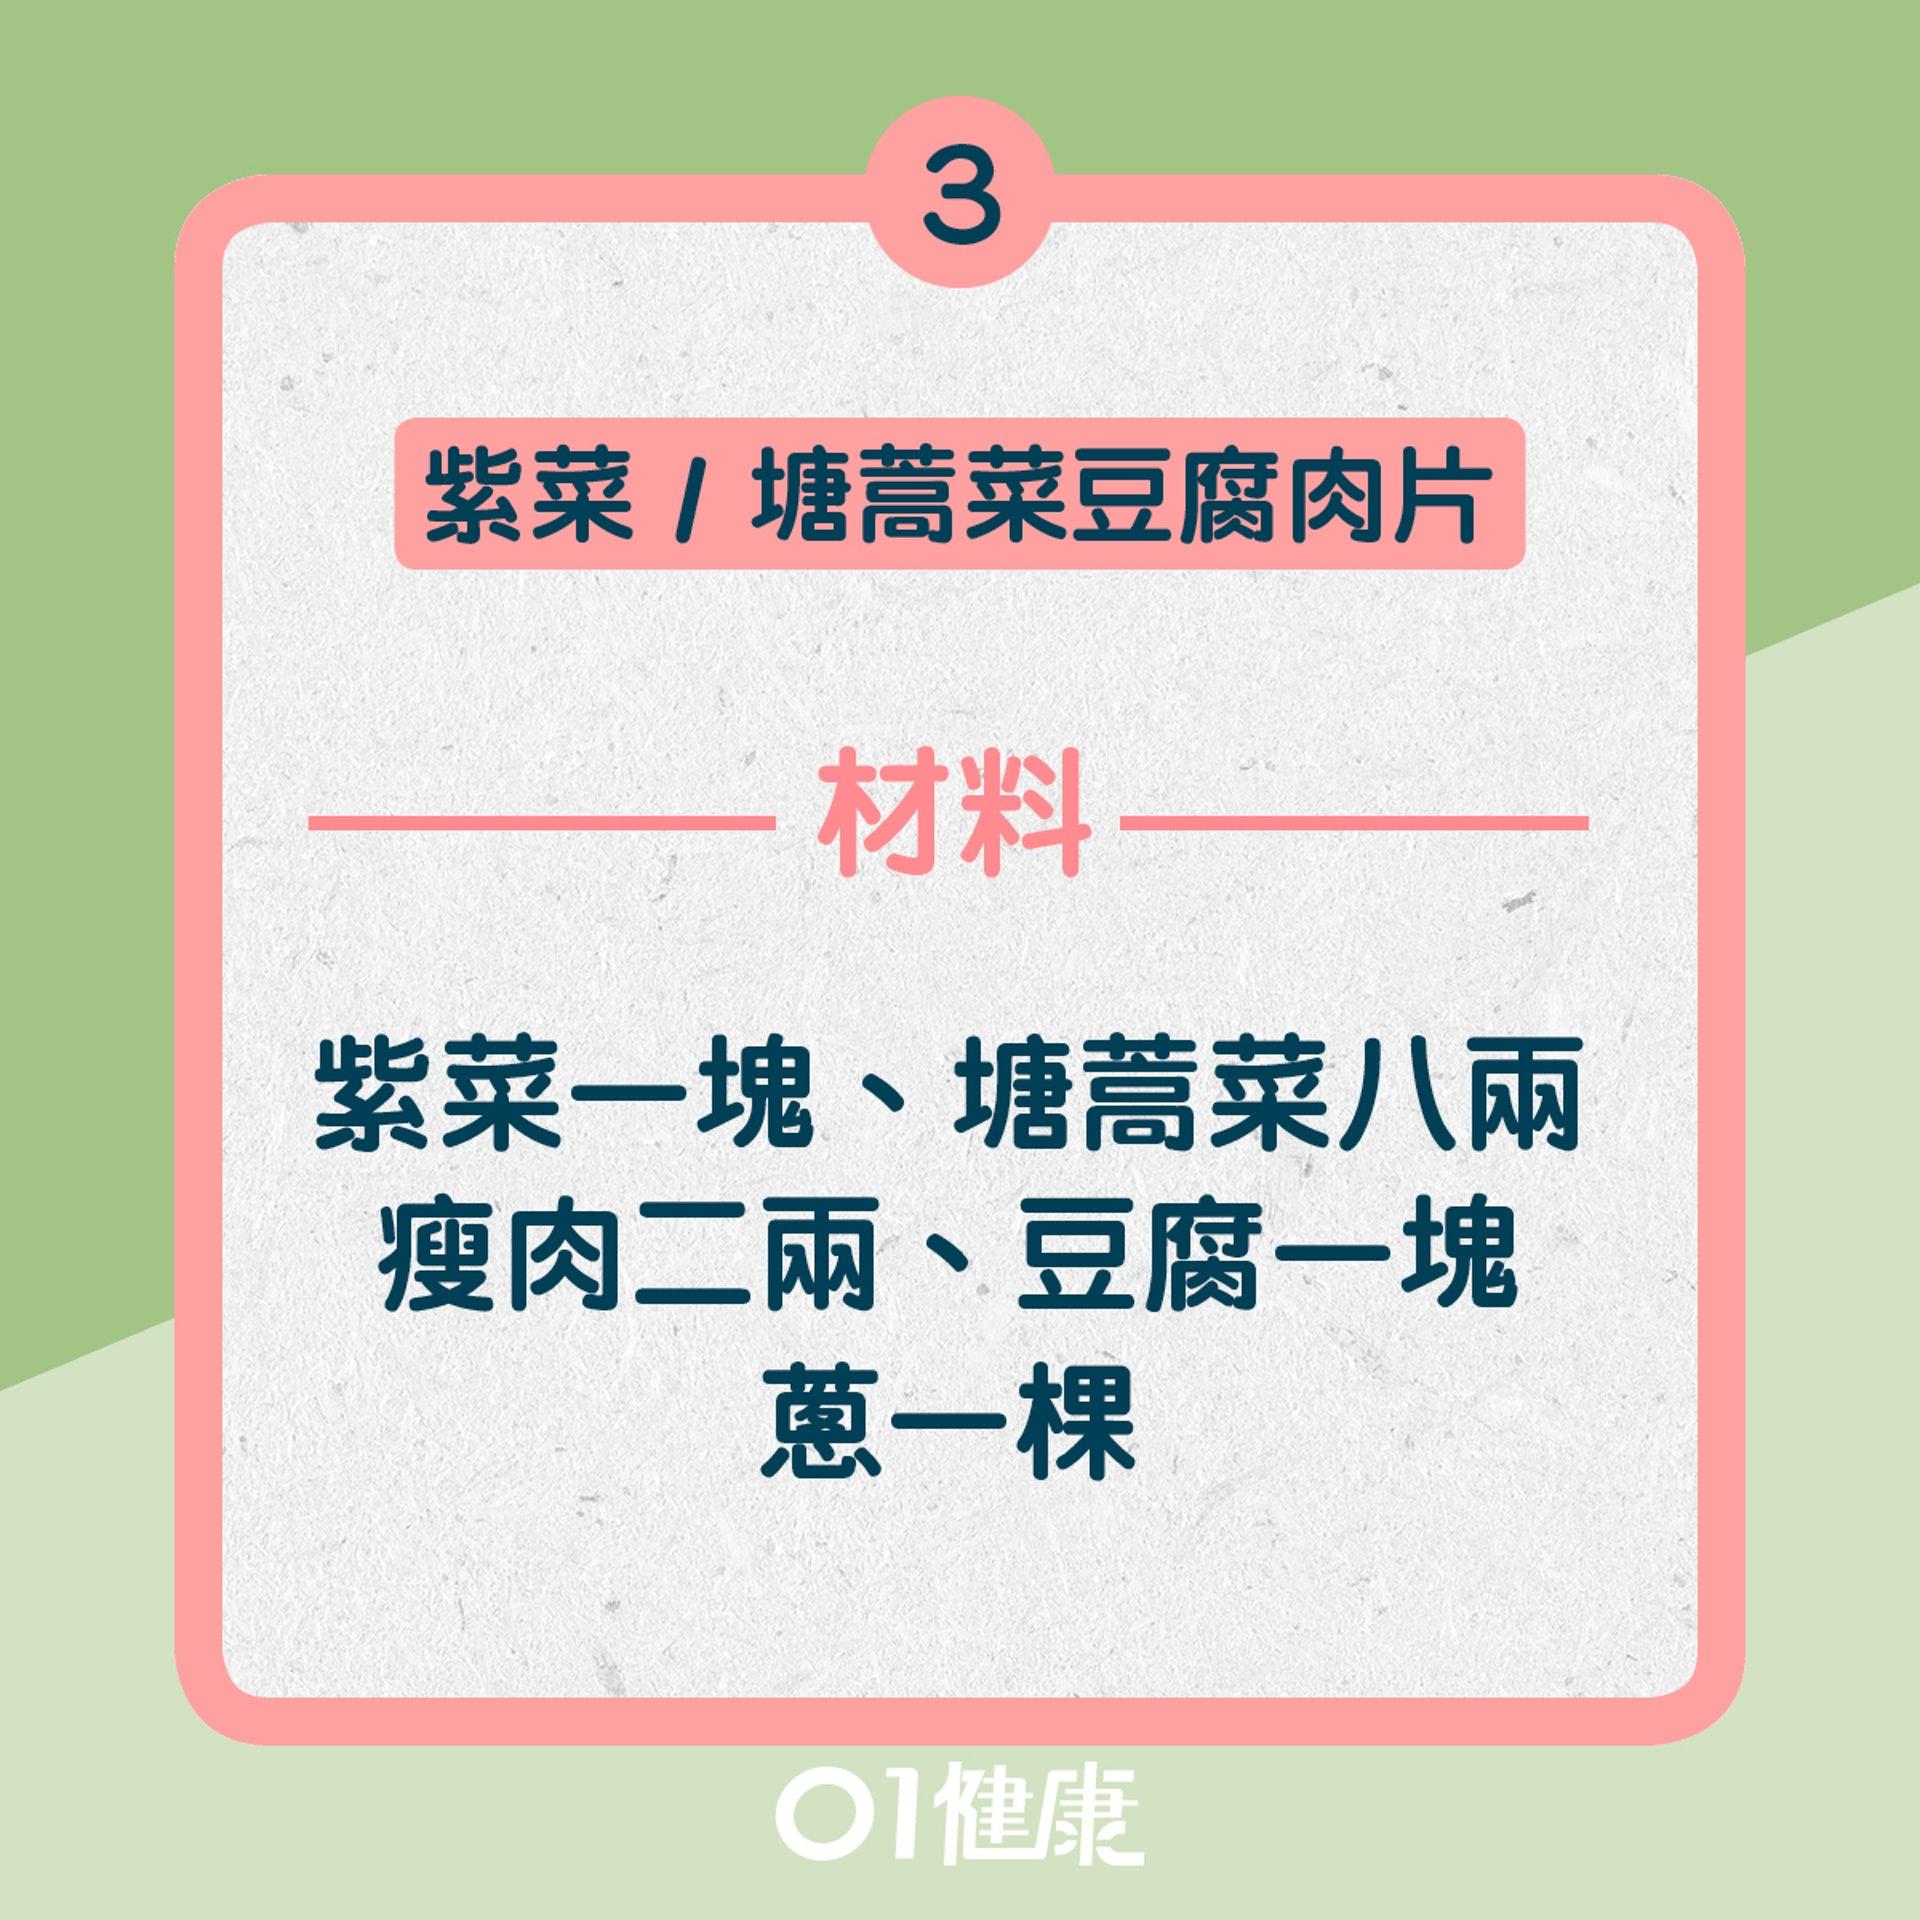 3. 紫菜 / 塘蒿菜豆腐肉片湯:材料(01製圖)